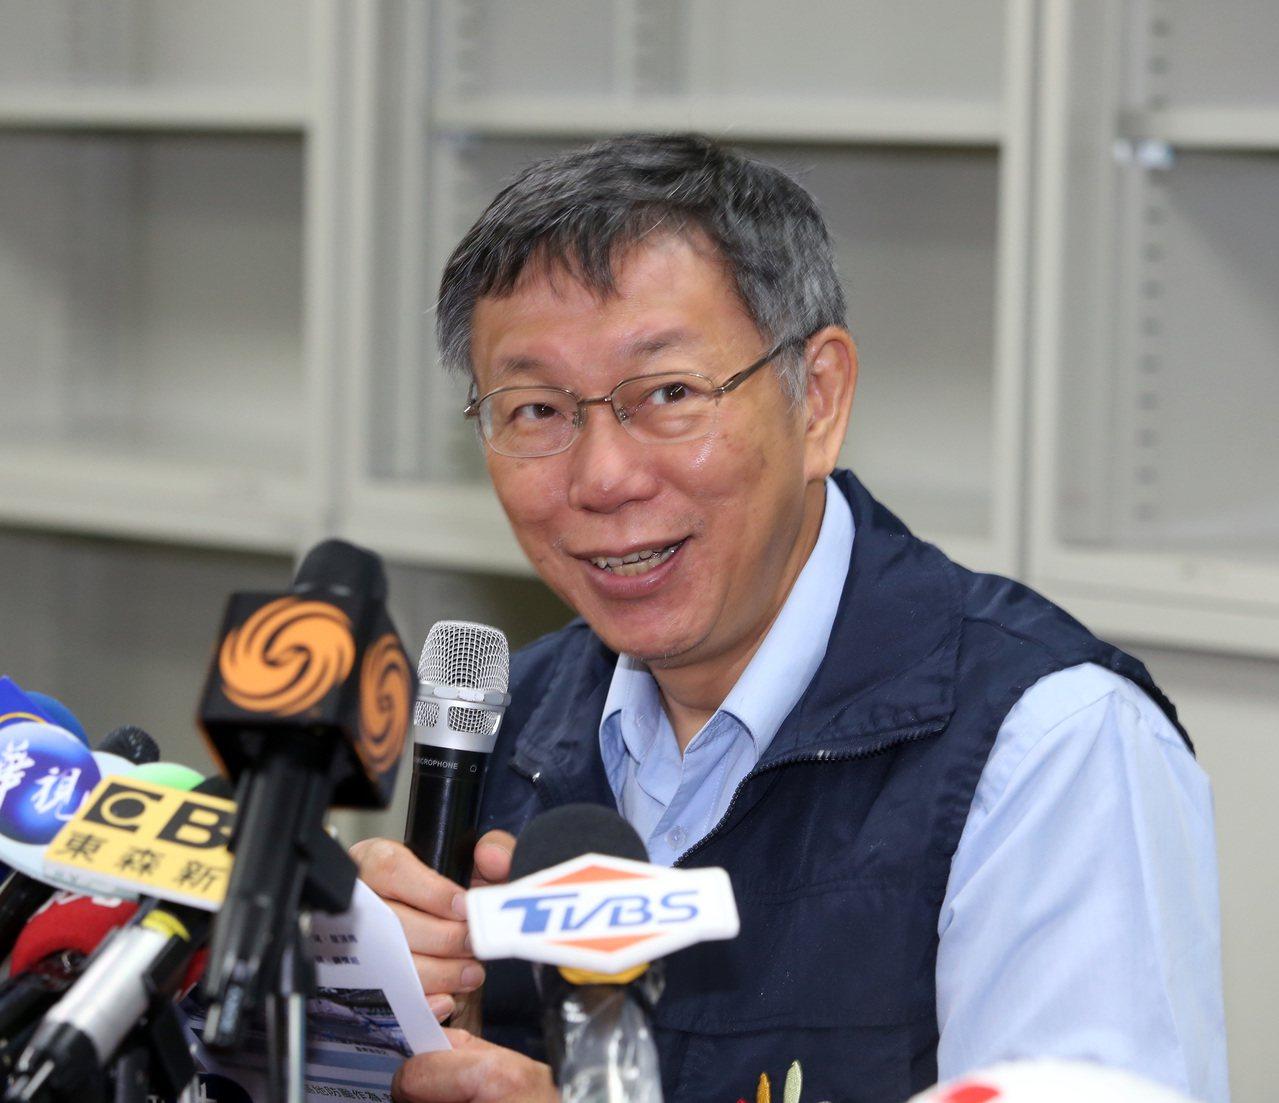 有可能擔任副手嗎?台北市長柯文哲上午笑說,若要擔任副手,那他就繼續當台北市長就好...